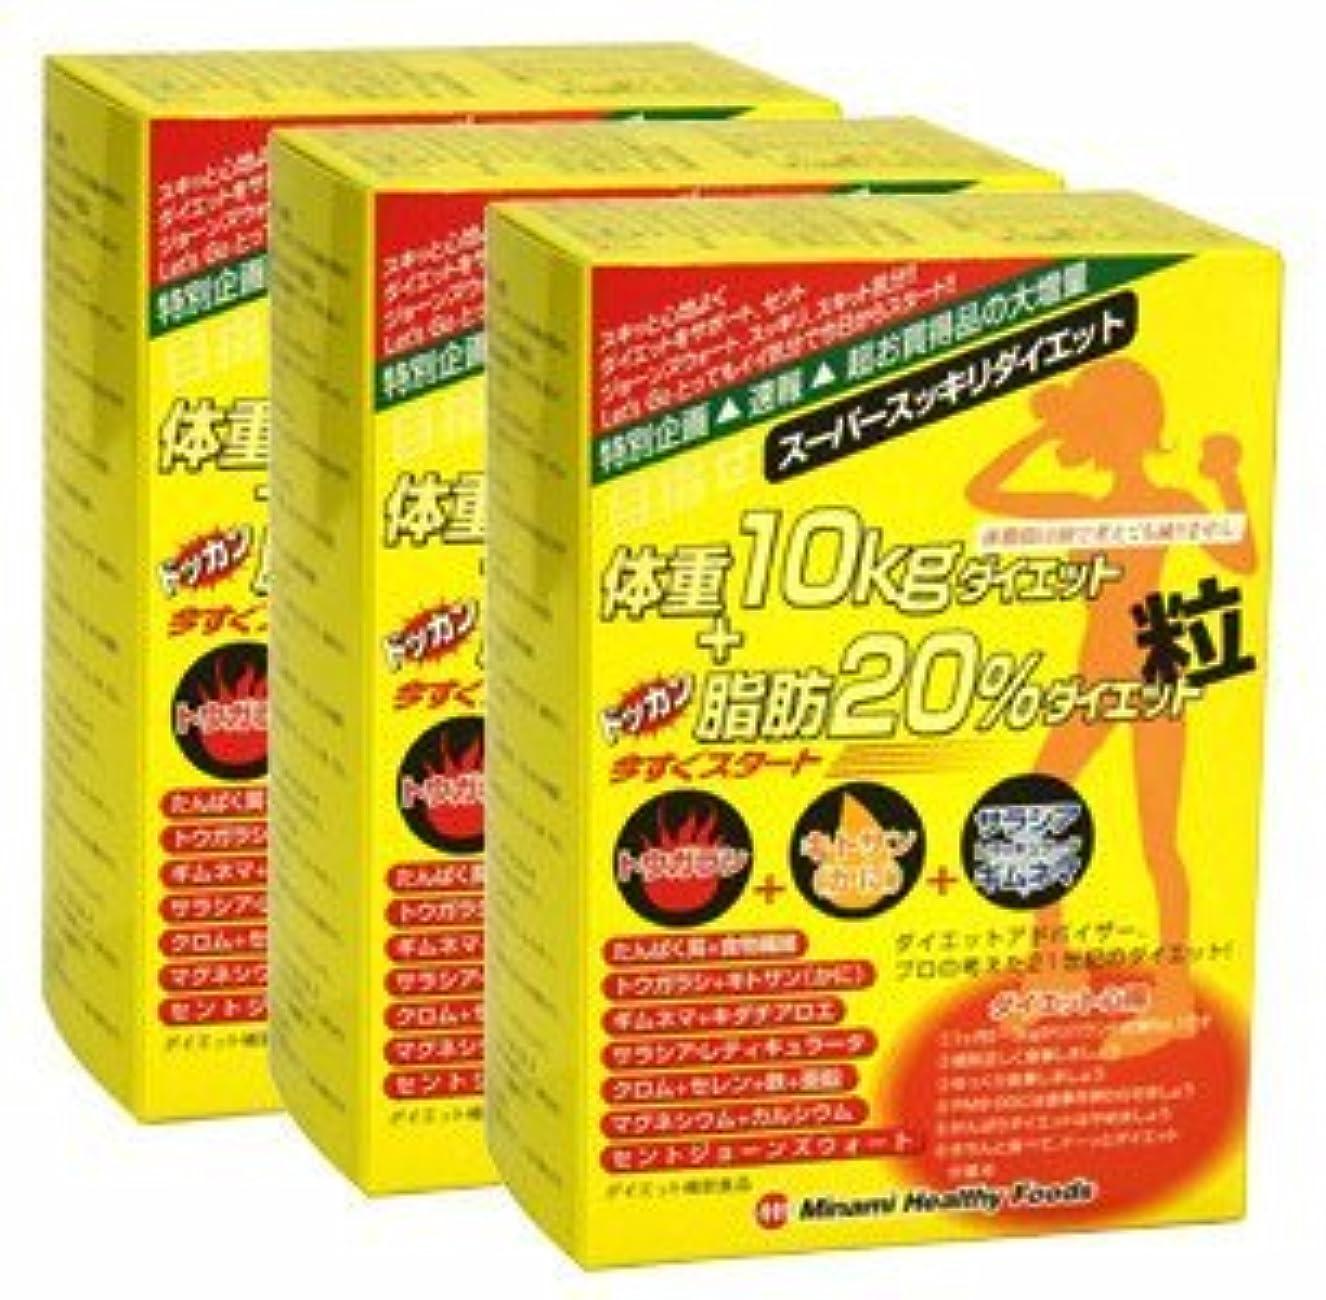 シャープ本物裸目指せ体重10kg+ドッカン脂肪20%ダイエット粒【3箱セット】ミナミヘルシーフーズ